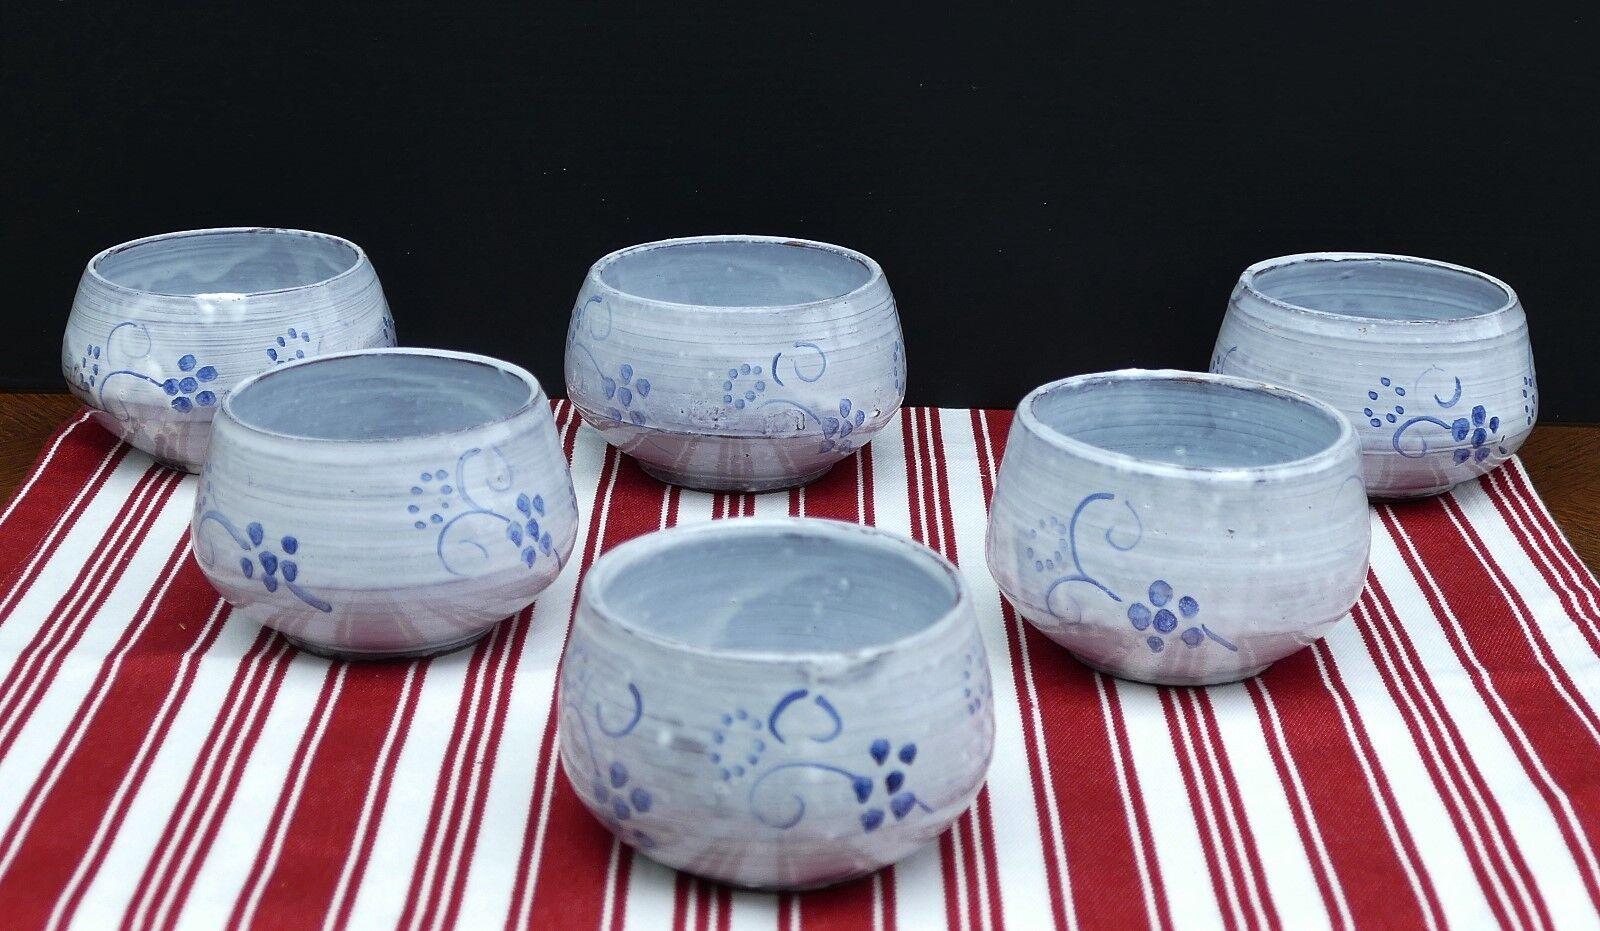 6 handgetöpferte Keramik Schälchen mit mit mit sehr schönem Blaumendekor    | Feinbearbeitung  bd0b1c